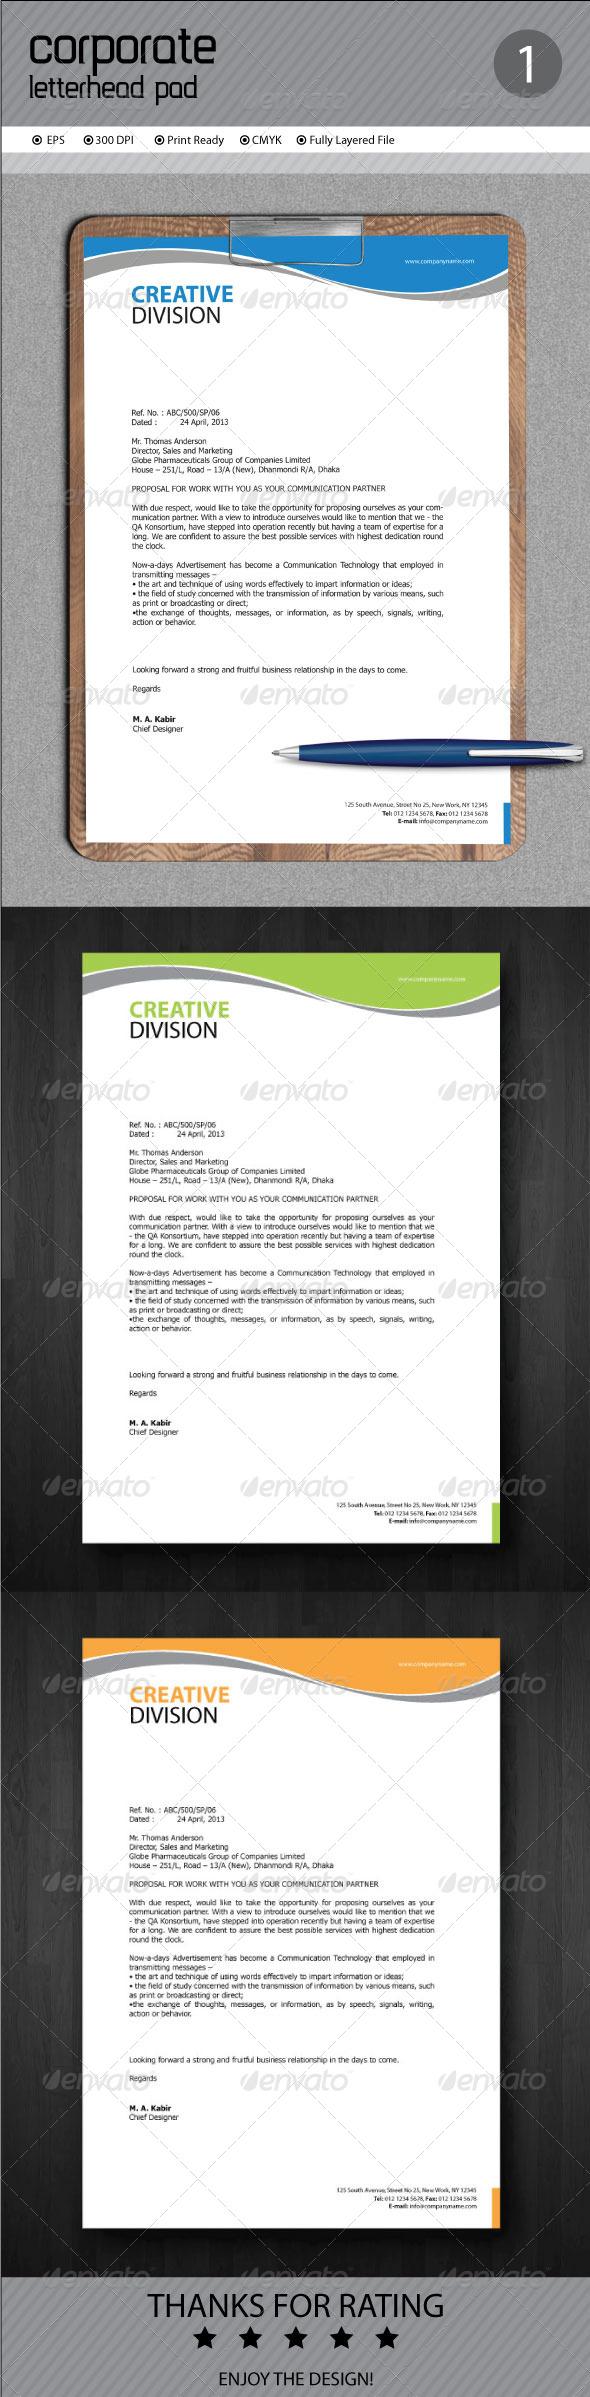 GraphicRiver Corporate Letterhead 7014253